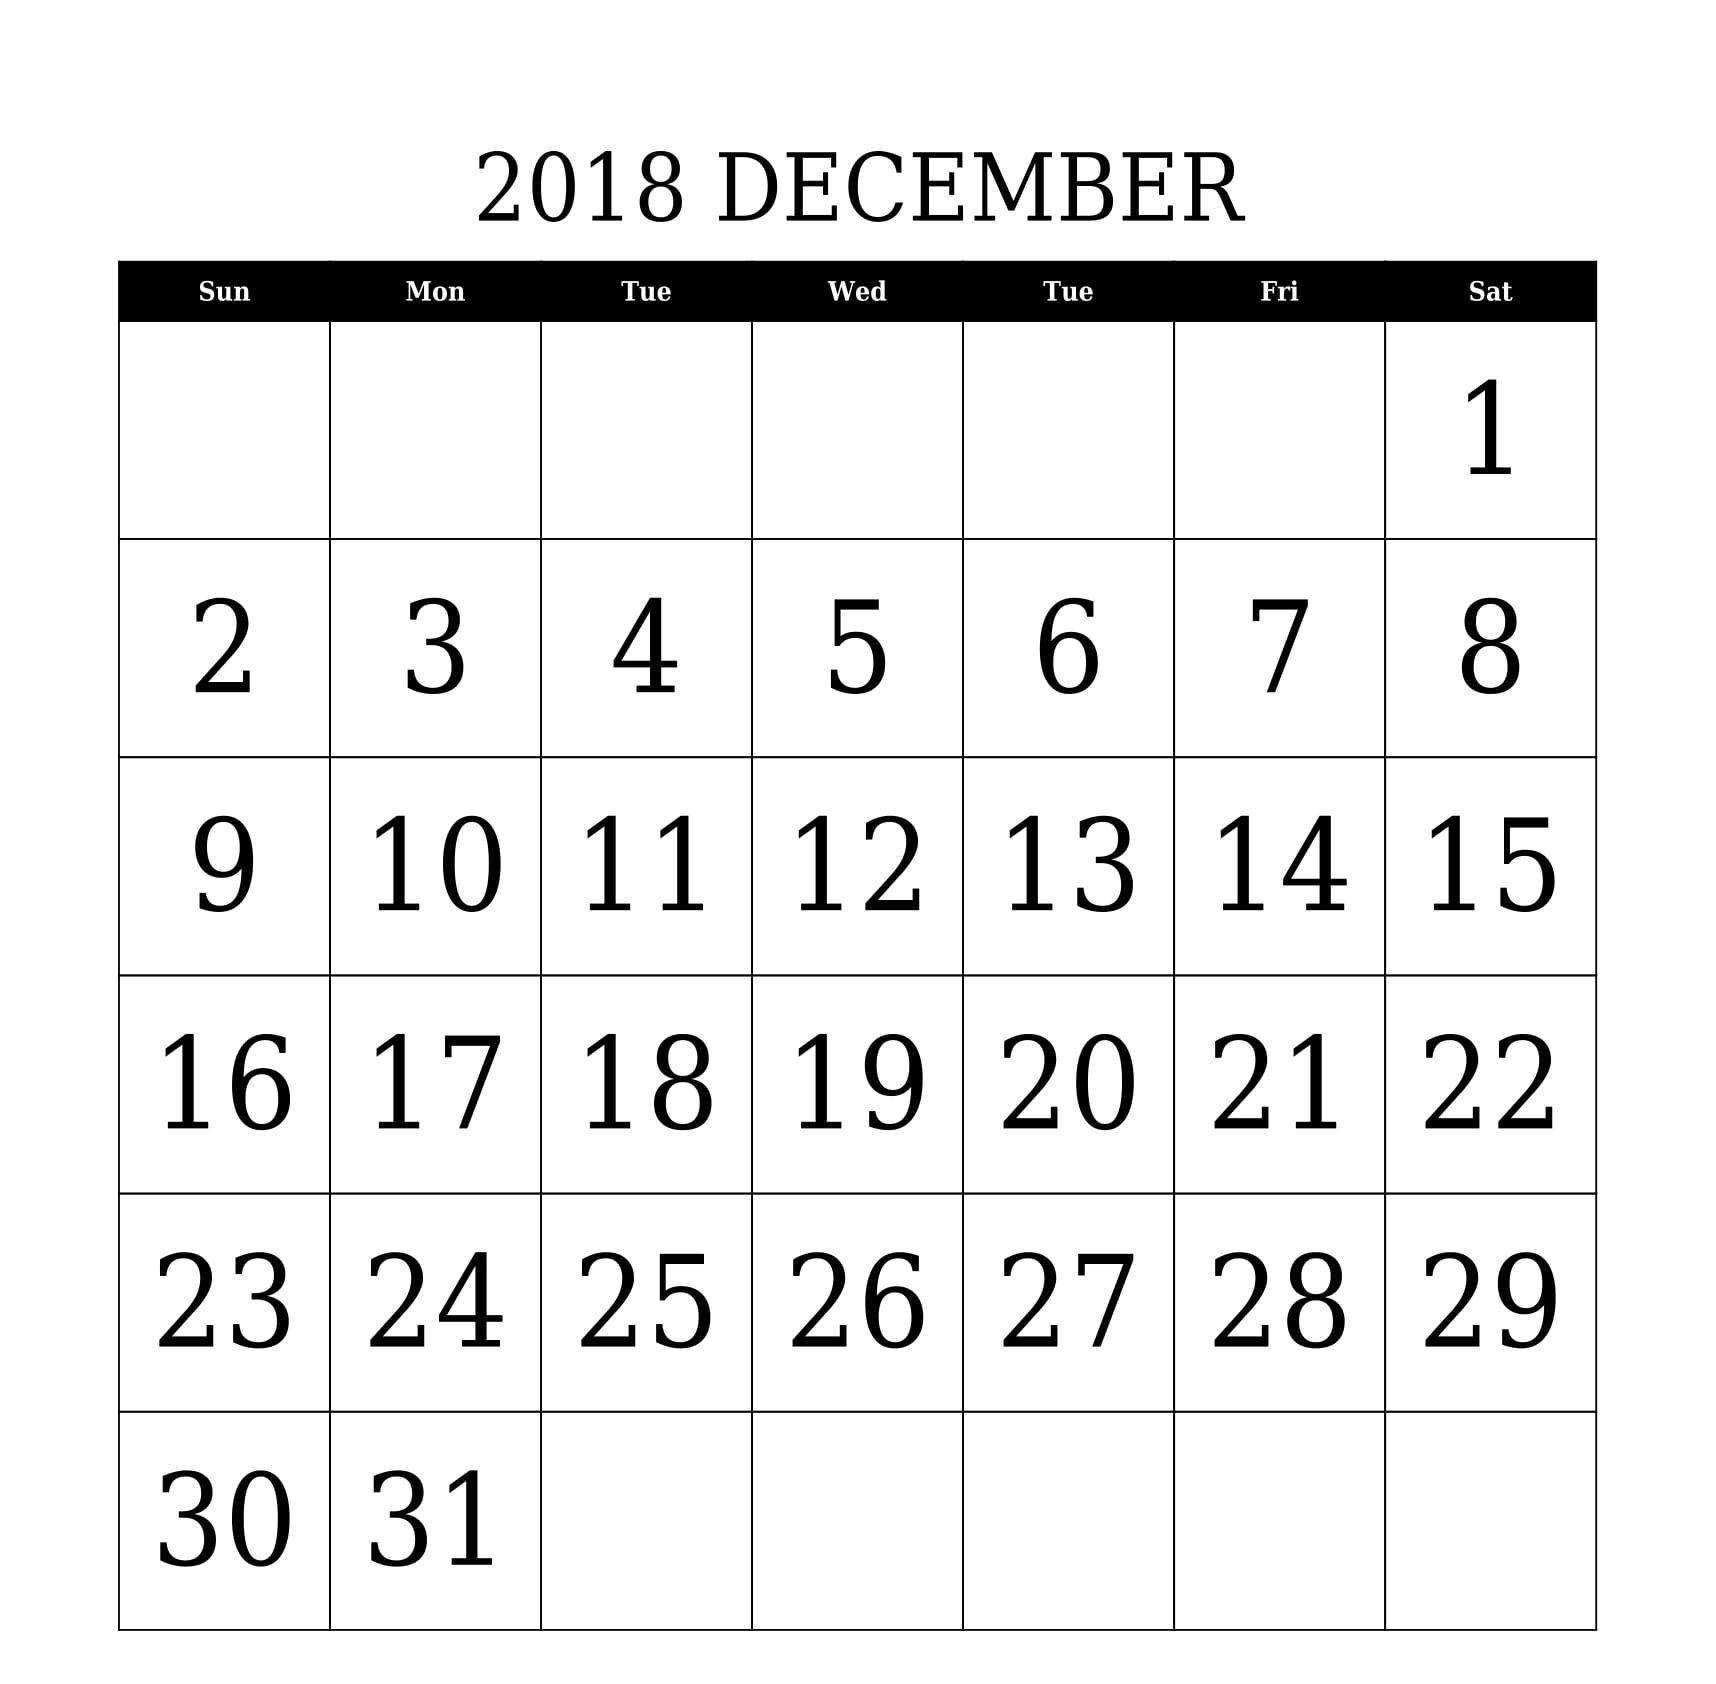 December 2018 Calendar Printable Large Date Font Size